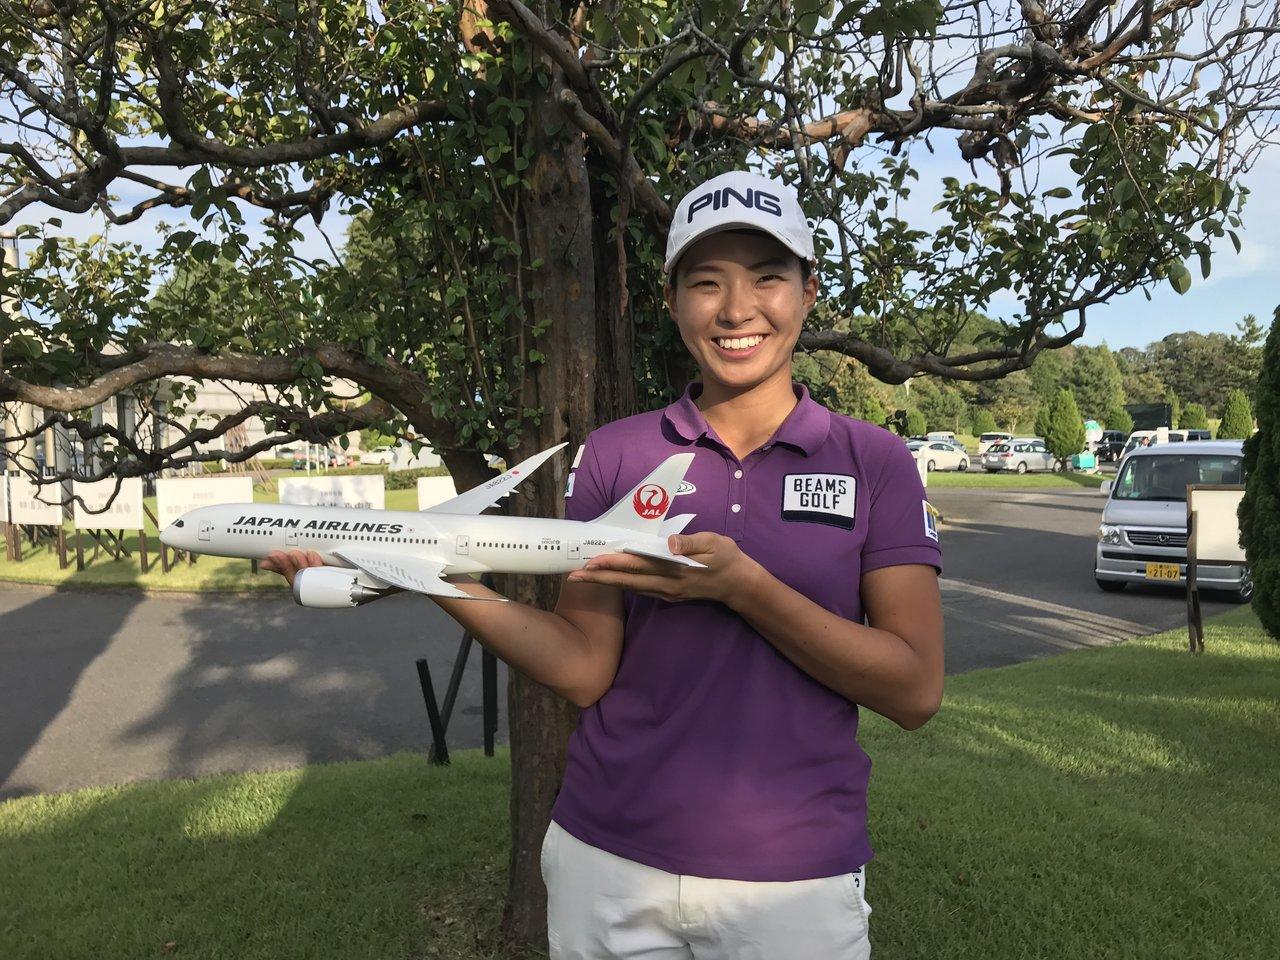 JALが女子プロゴルフ・渋野日向子選手とサポート契約を締結